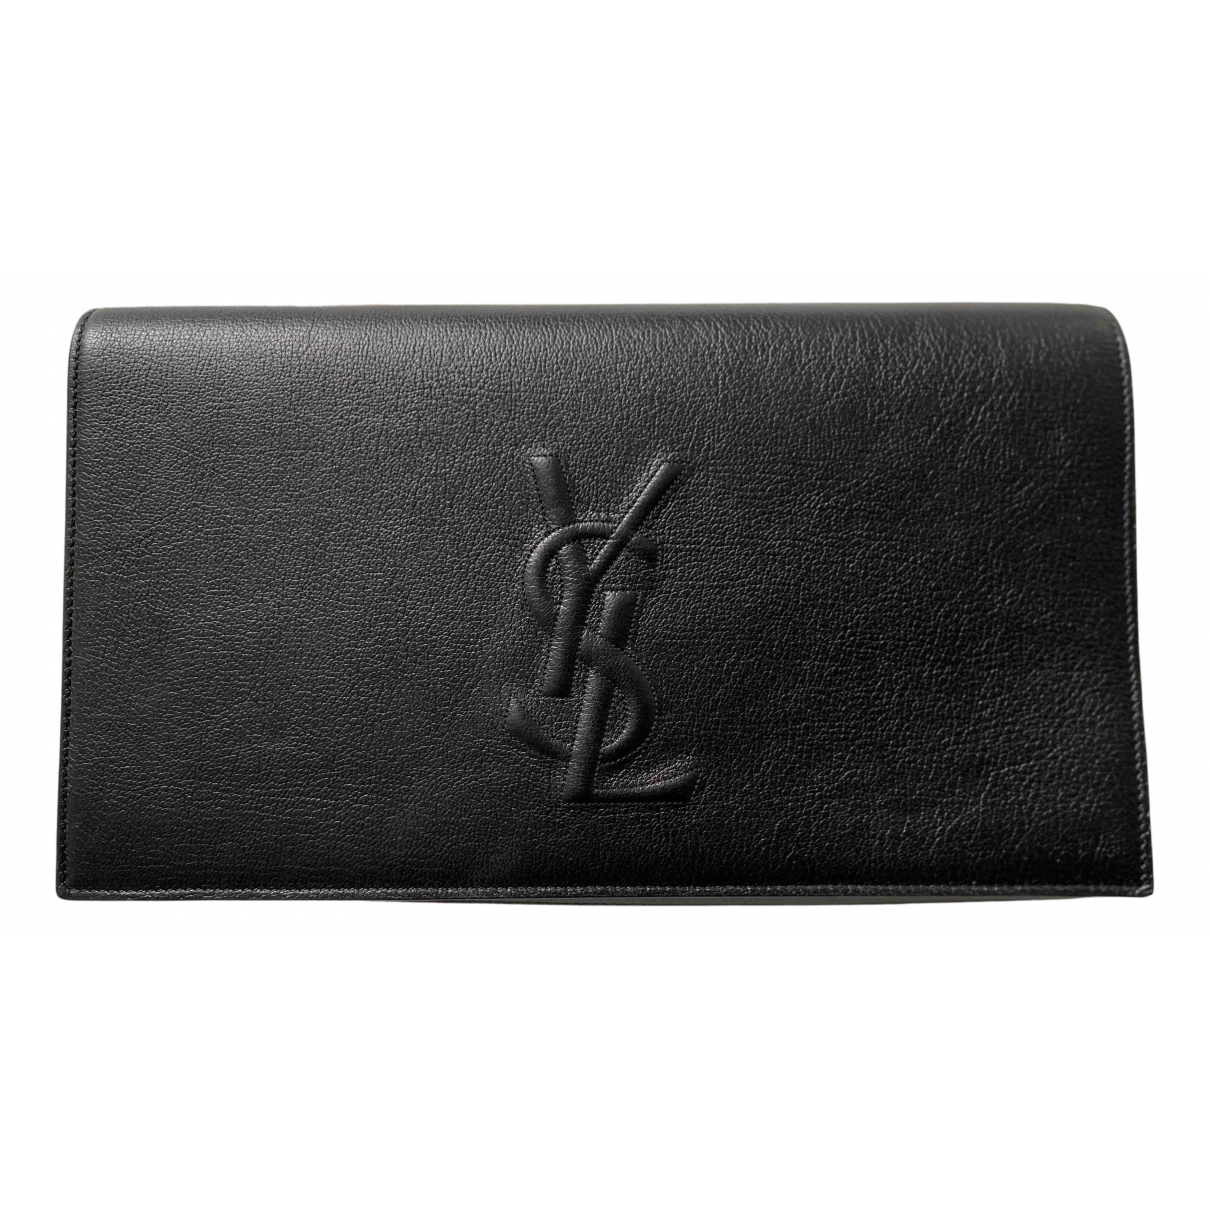 Yves Saint Laurent - Pochette Belle de Jour pour femme en cuir - noir